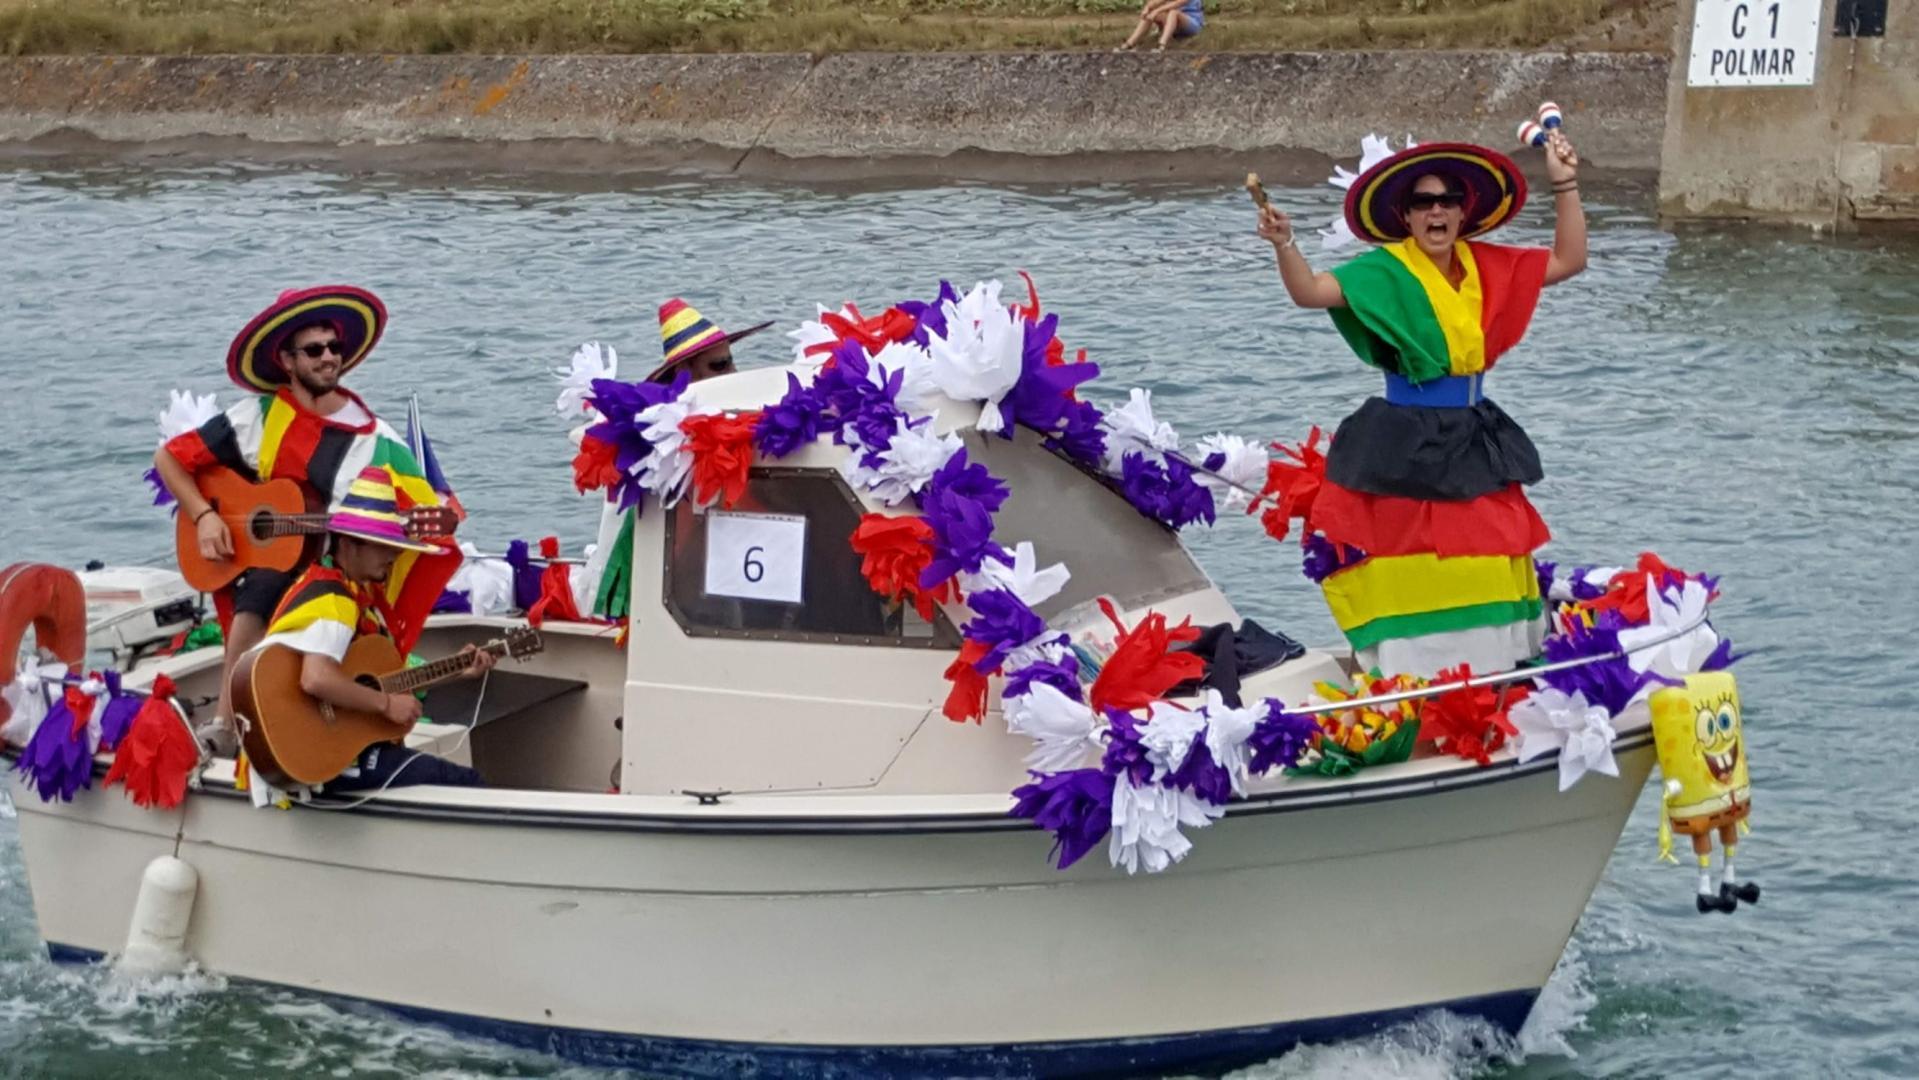 Présentation des bateaux décorés, édition 2018.